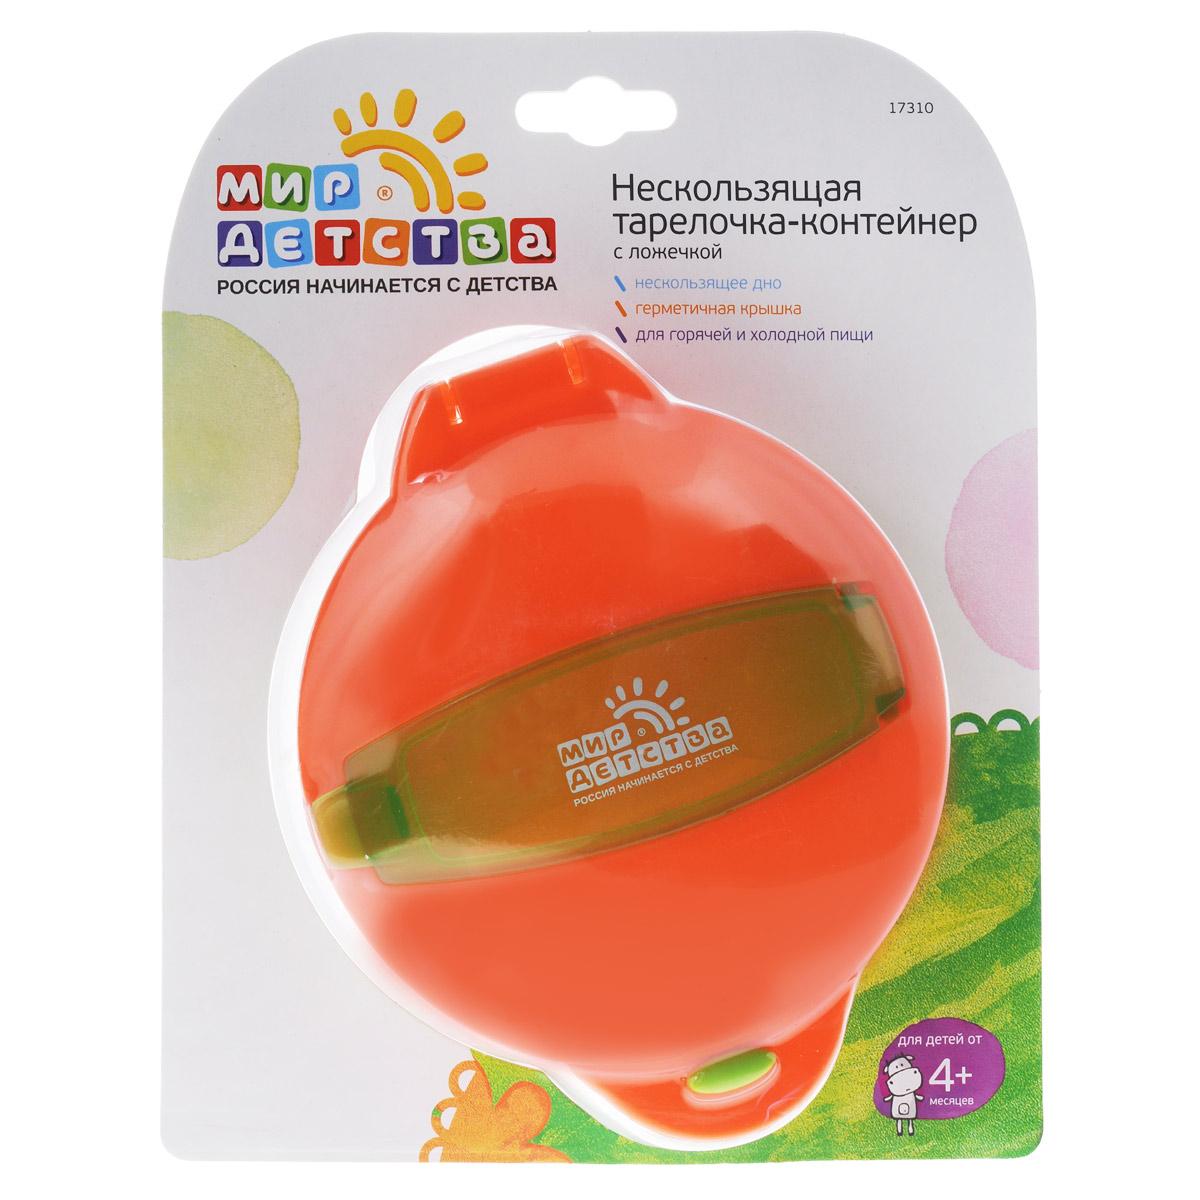 Тарелочка-контейнер с ложечкой Мир детства, от 4 месяцев, цвет: оранжевый, зеленый115510Тарелочка-контейнер Мир детства, выполненная из полипропилена и терморезины, предназначена для кормления малыша. Дно со специальным покрытием предотвращает скольжение тарелочки по столу и придает ей дополнительную устойчивость. Тарелочка подходит для горячей и холодной пищи. Герметичная крышка помогает сохранить вкус и свежесть продуктов.Тарелочка имеет встроенной контейнер для хранения ложечки (входит в комплект).Можно мыть в посудомоечной машине. Не допускается использование в микроволновой печи.